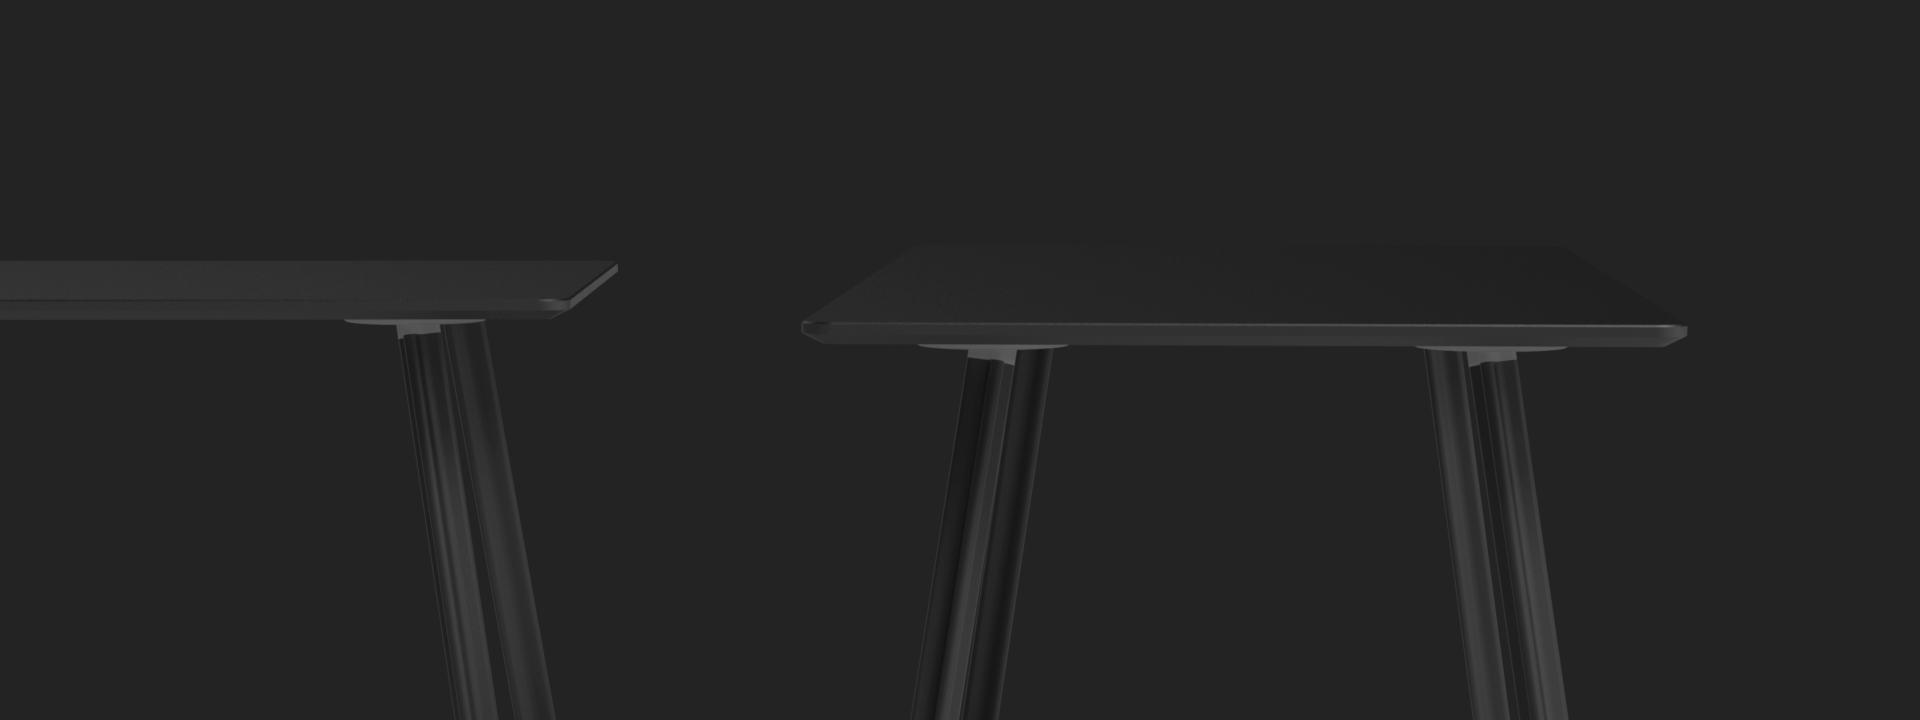 beam tischbeine by daniel lorch tische gestelle faust linoleum schweiz tischgestelle. Black Bedroom Furniture Sets. Home Design Ideas